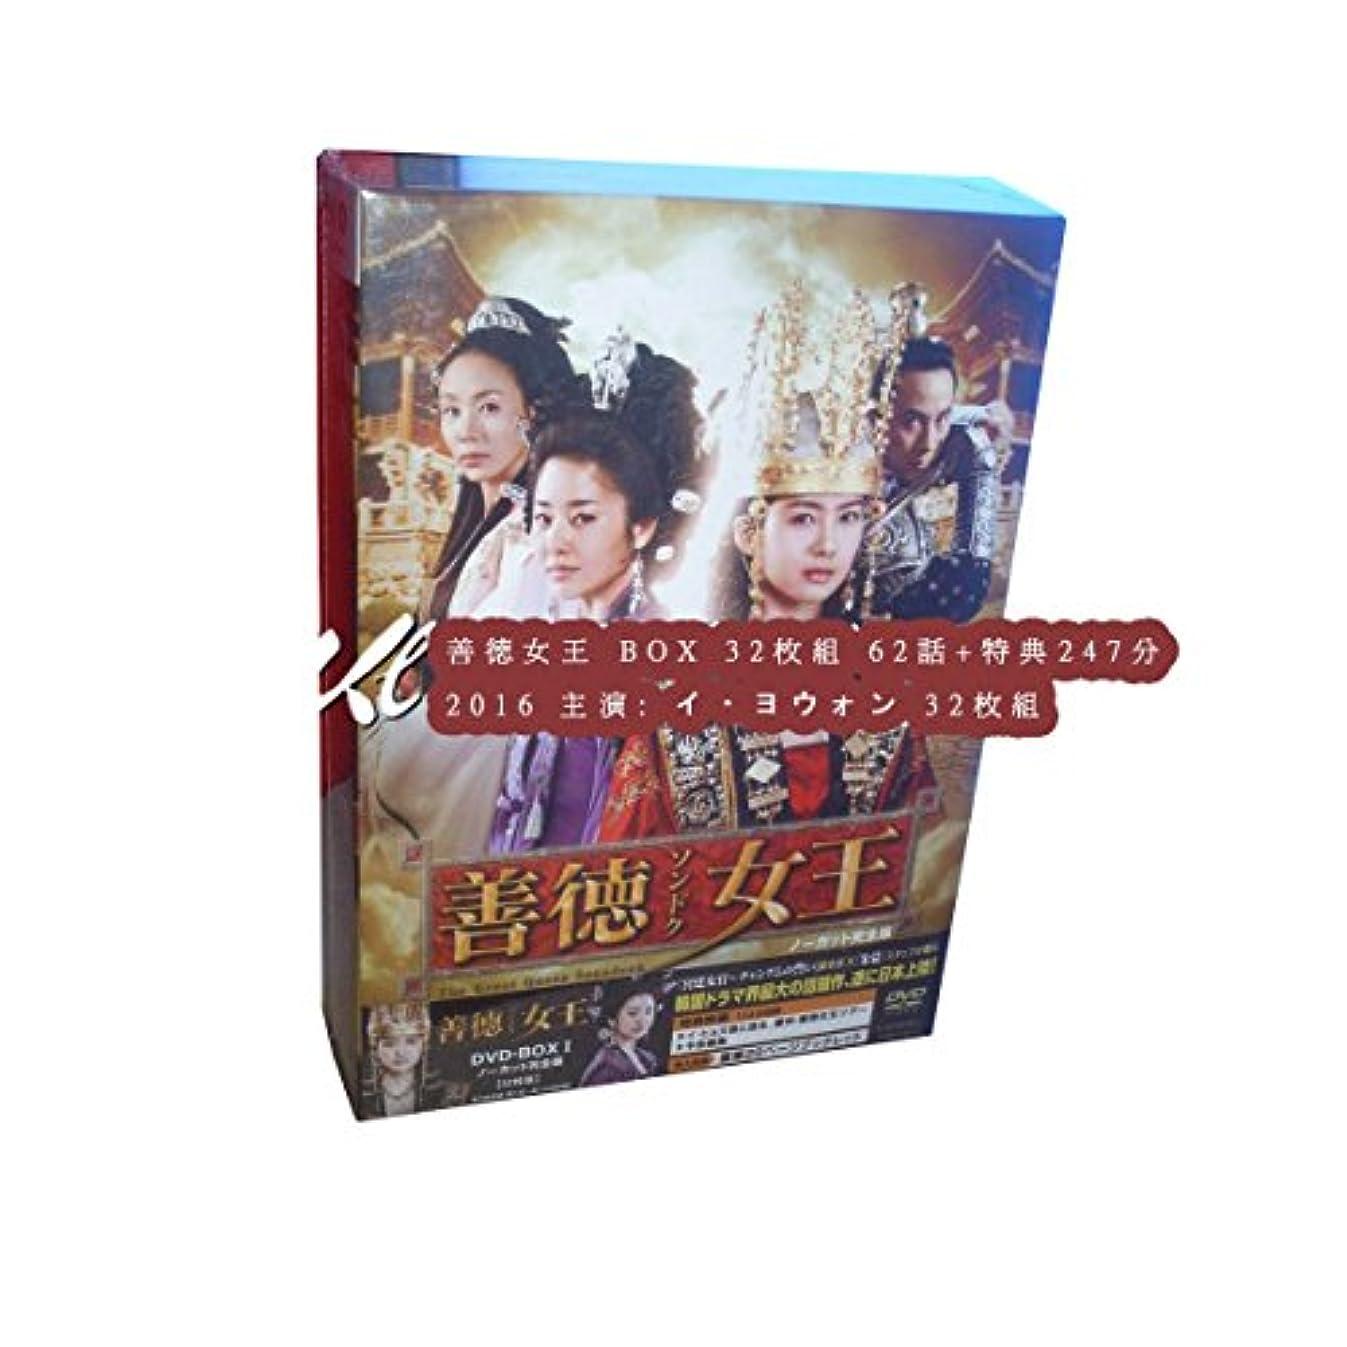 コメントシャッフルスキニー善徳女王 BOX 32枚組 62話+特典247分 2016 主演: イ?ヨウォン